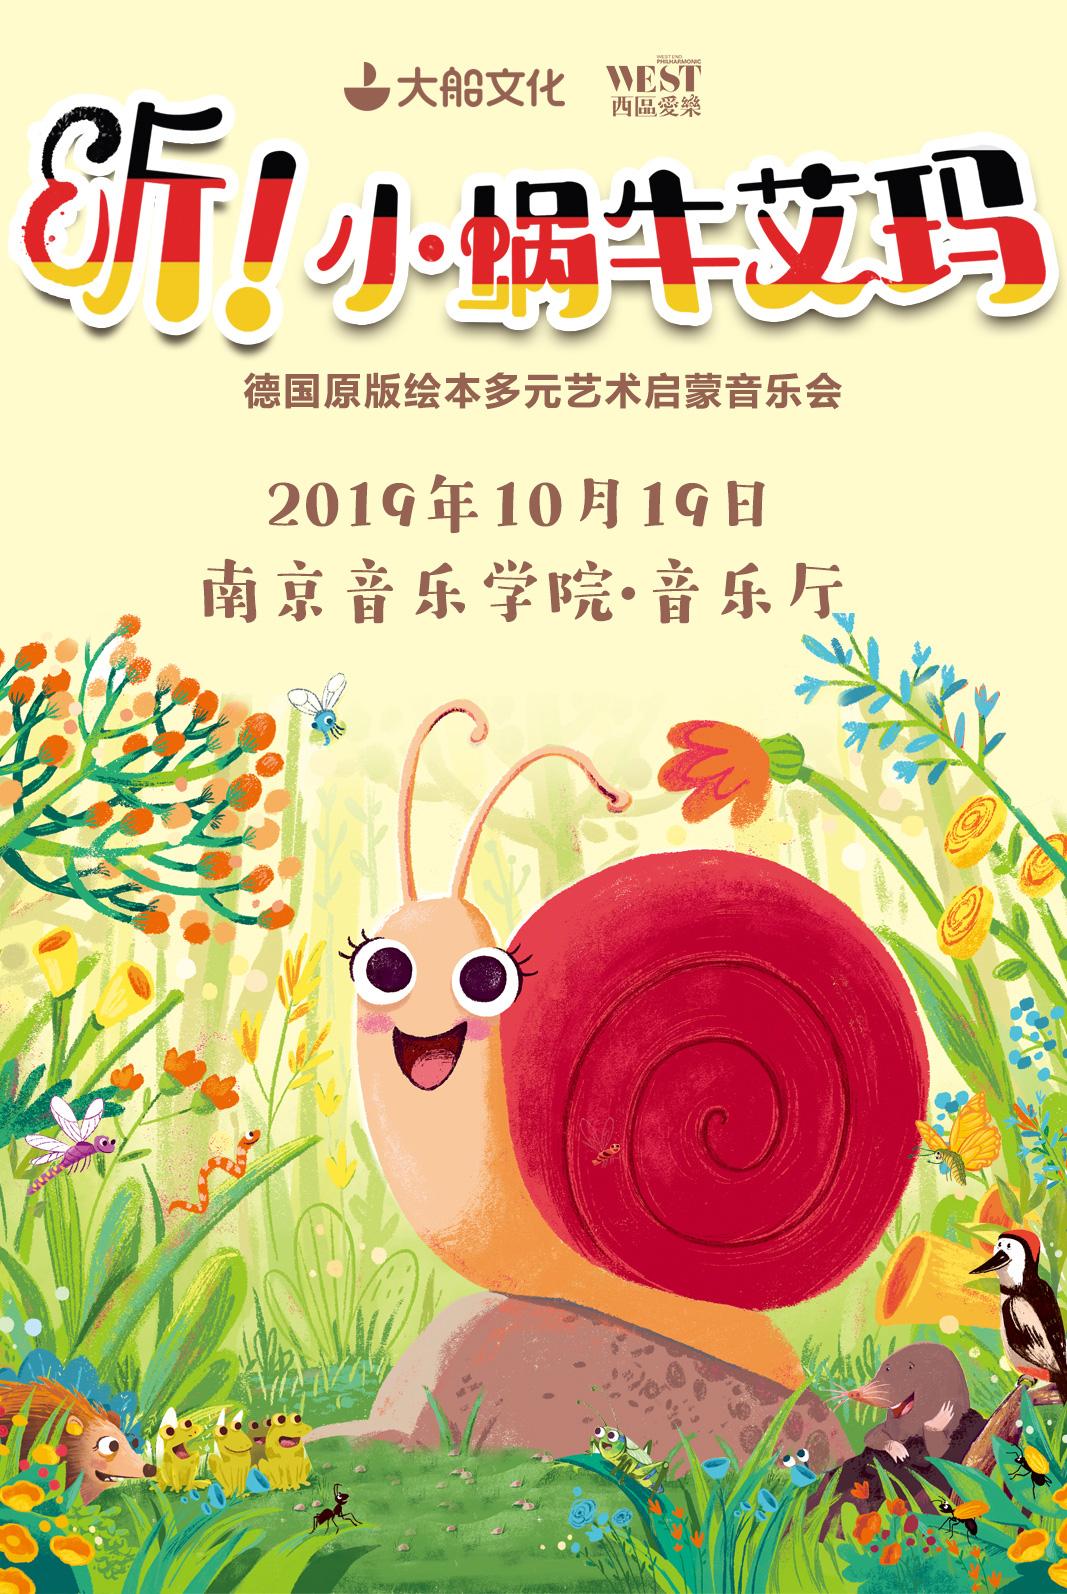 德国原版绘本多元艺术启蒙音乐会《听!小蜗牛艾玛》南京站